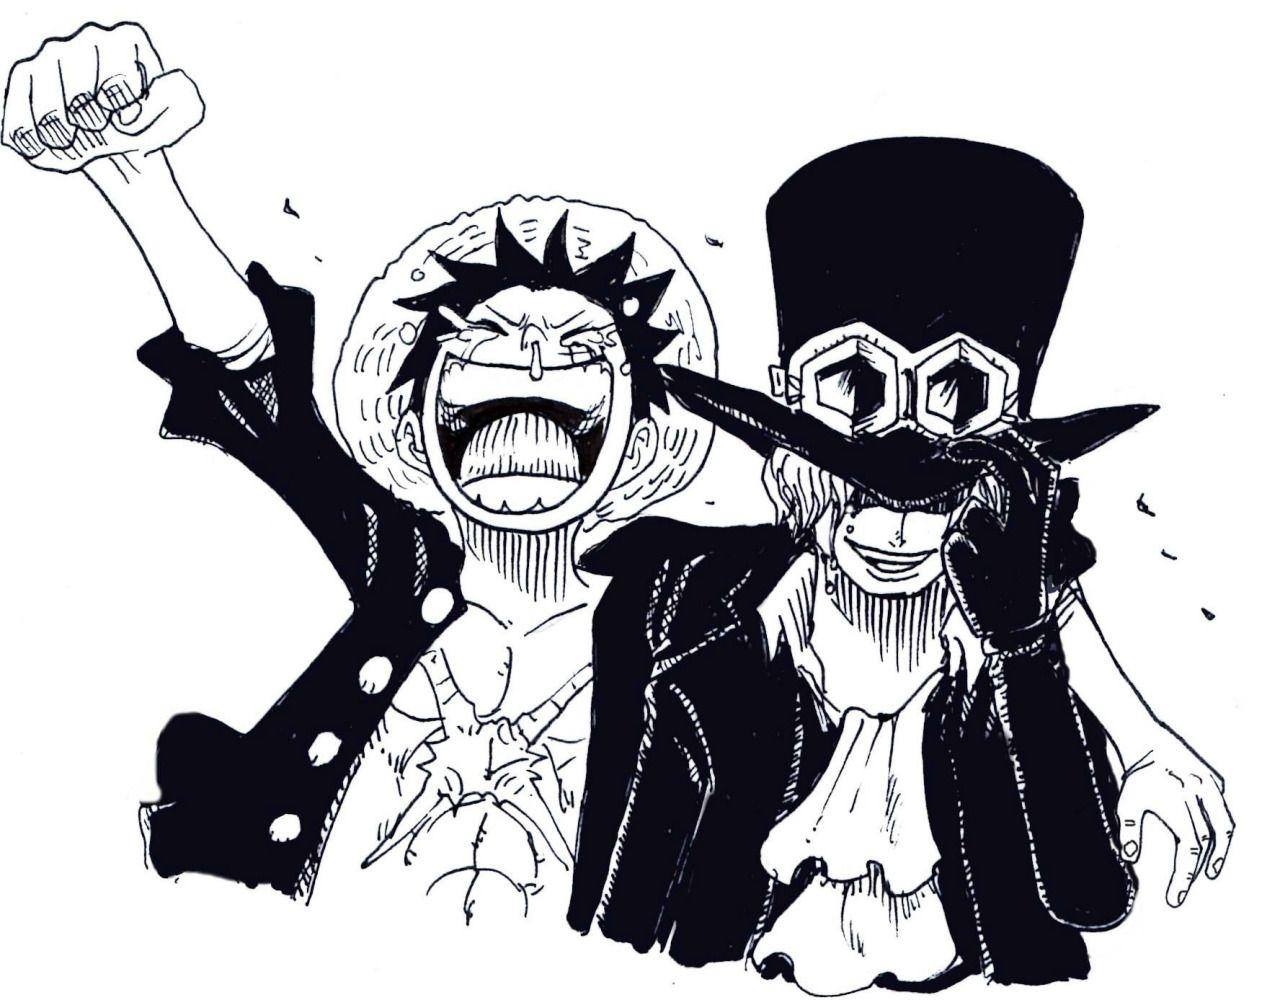 Sabo One Piece One Piece Manga Sabo One Piece One Piece Ace